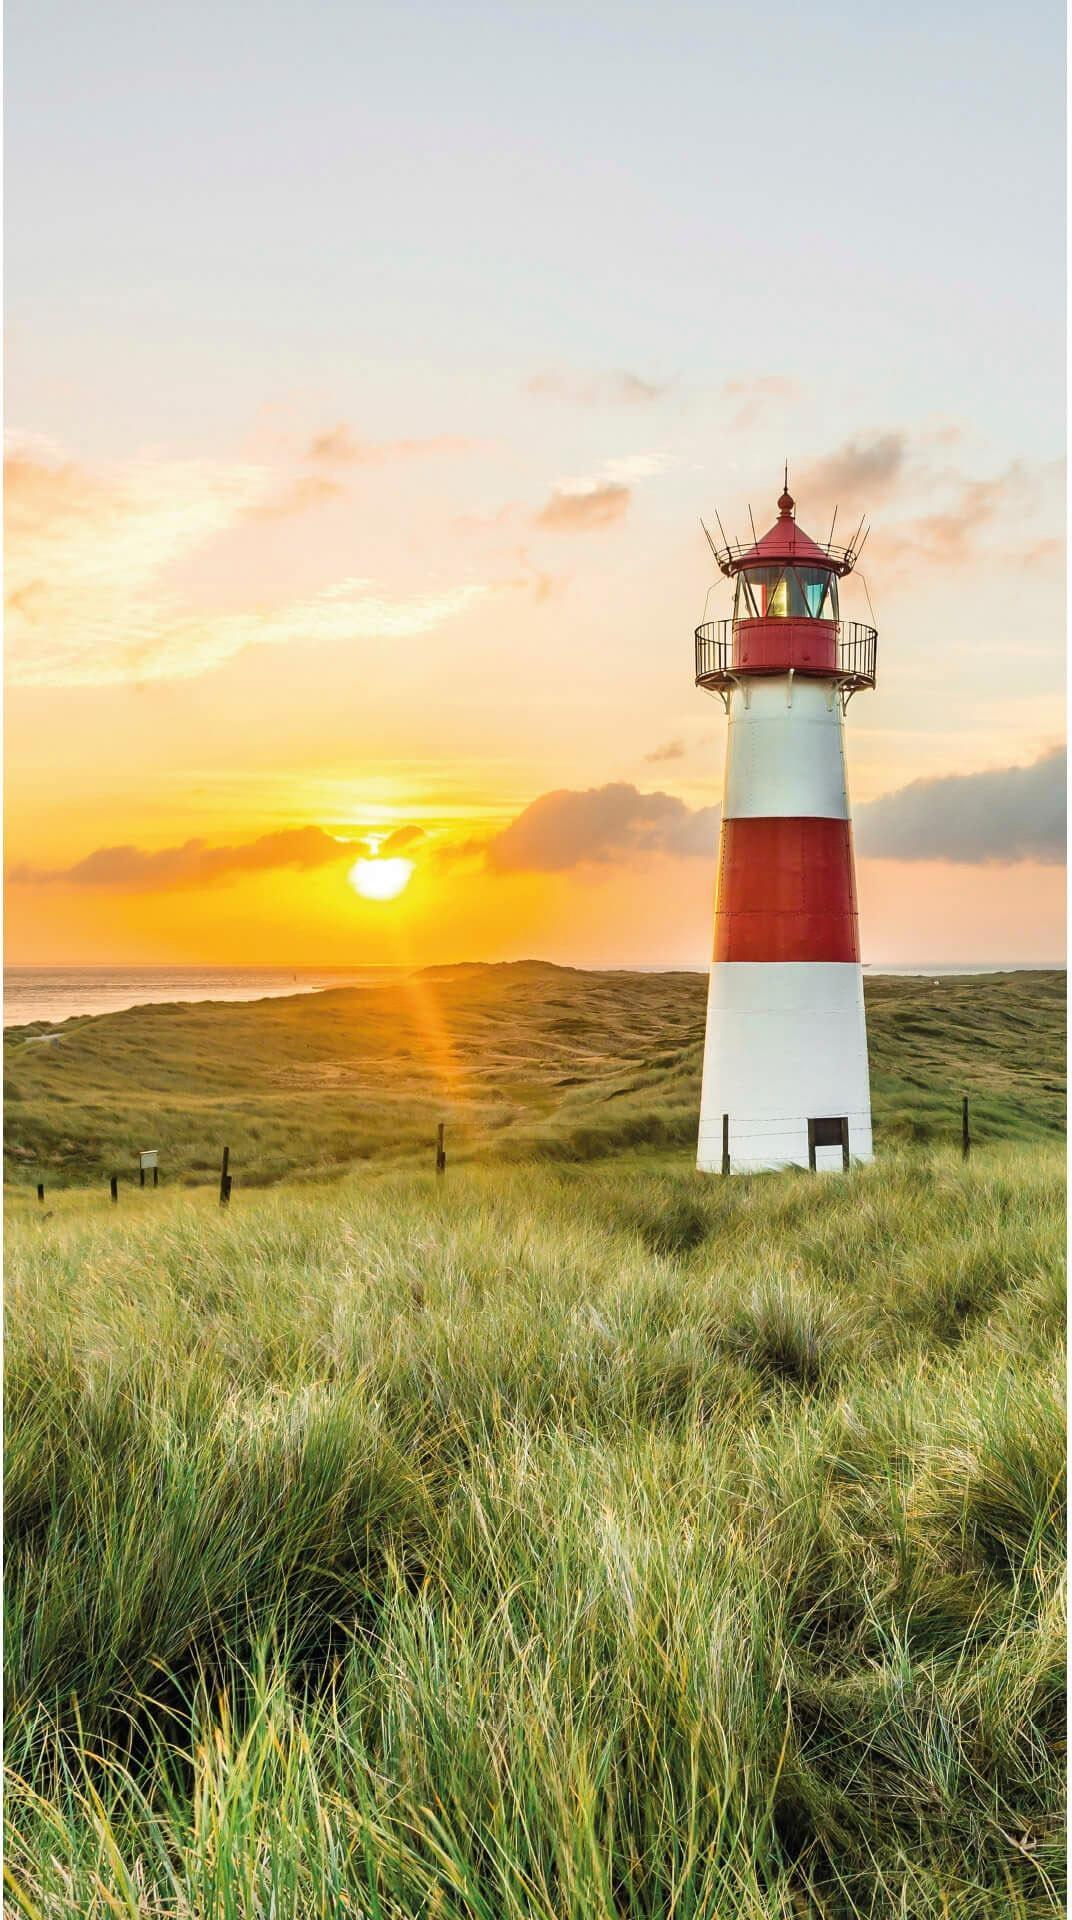 Fototapete Leuchtturm auf Sylt 144/260 cm Wohnen/Accessoires & Leuchten/Wohnaccessoires/Tapeten und Bordüren/Fototapeten/Fototapeten Natur